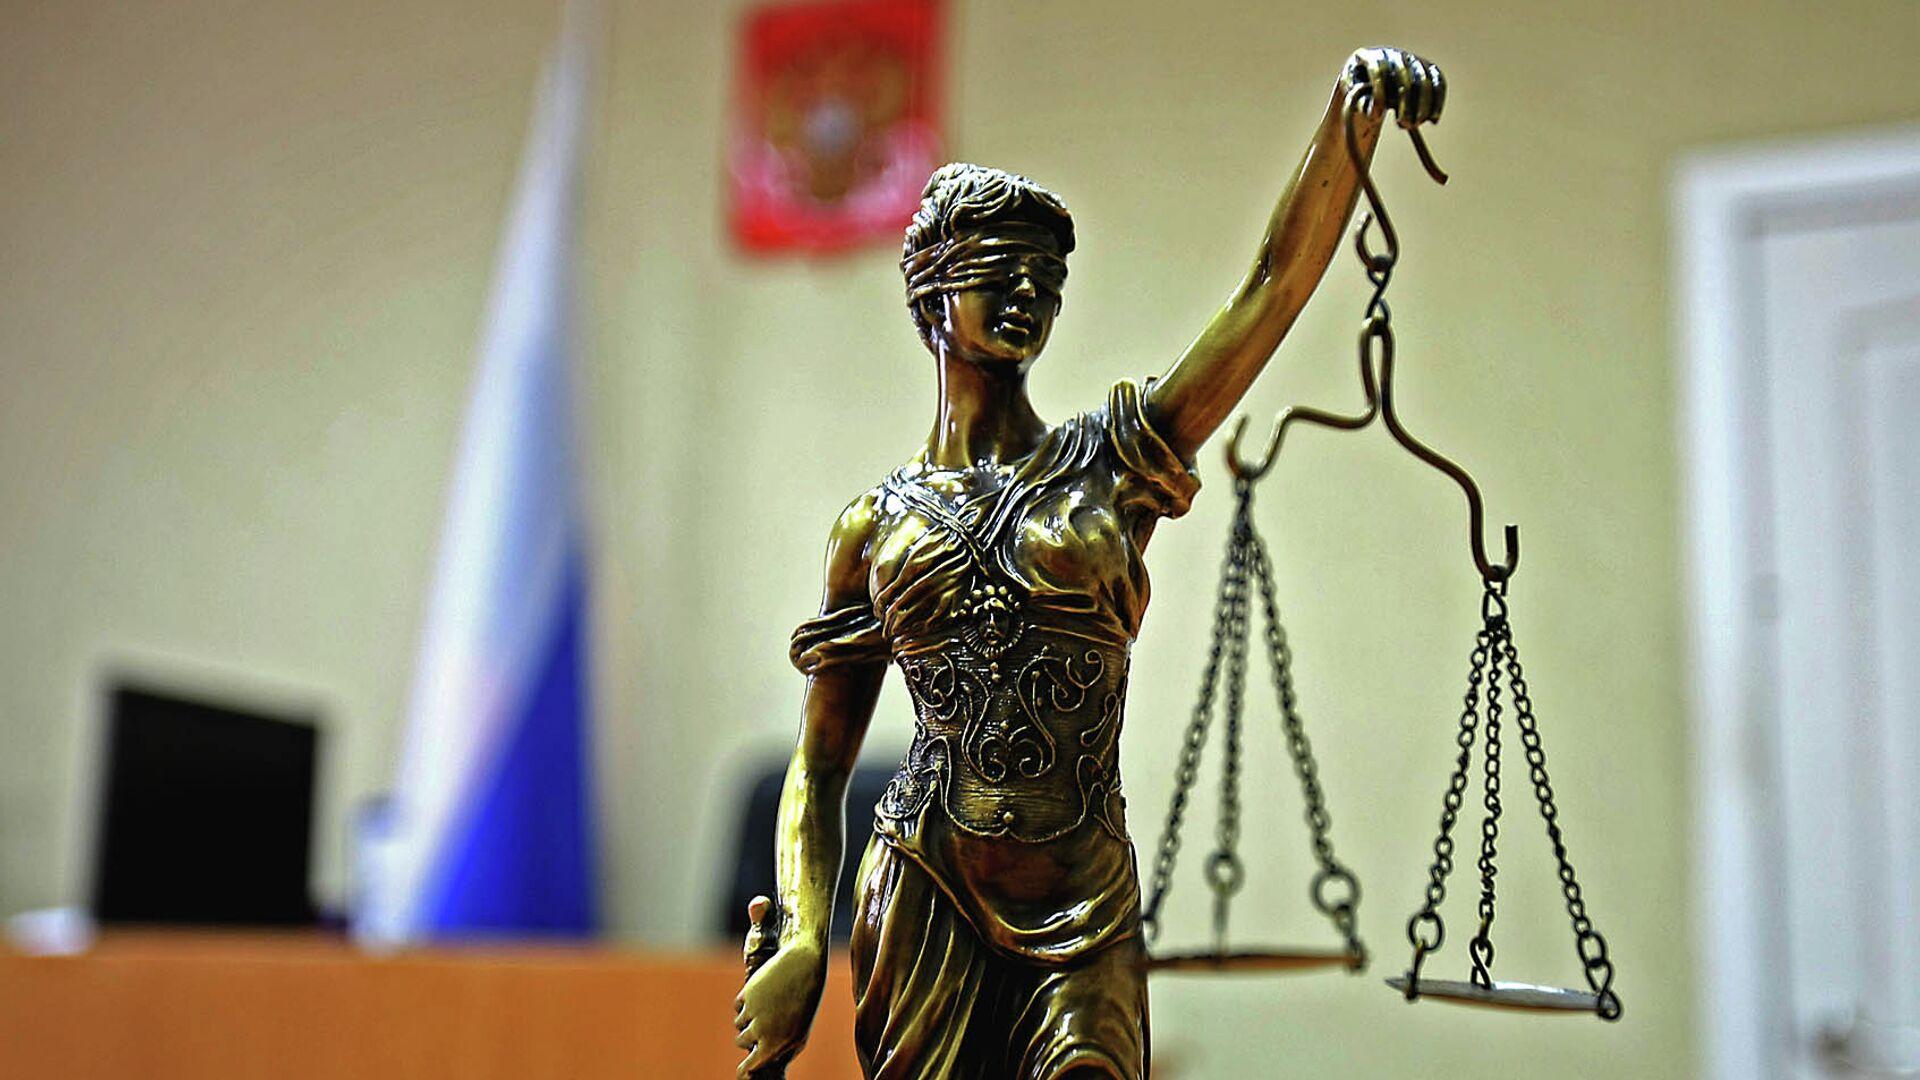 Статуэтка богини правосудия Фемиды в зале суда  - РИА Новости, 1920, 28.09.2020